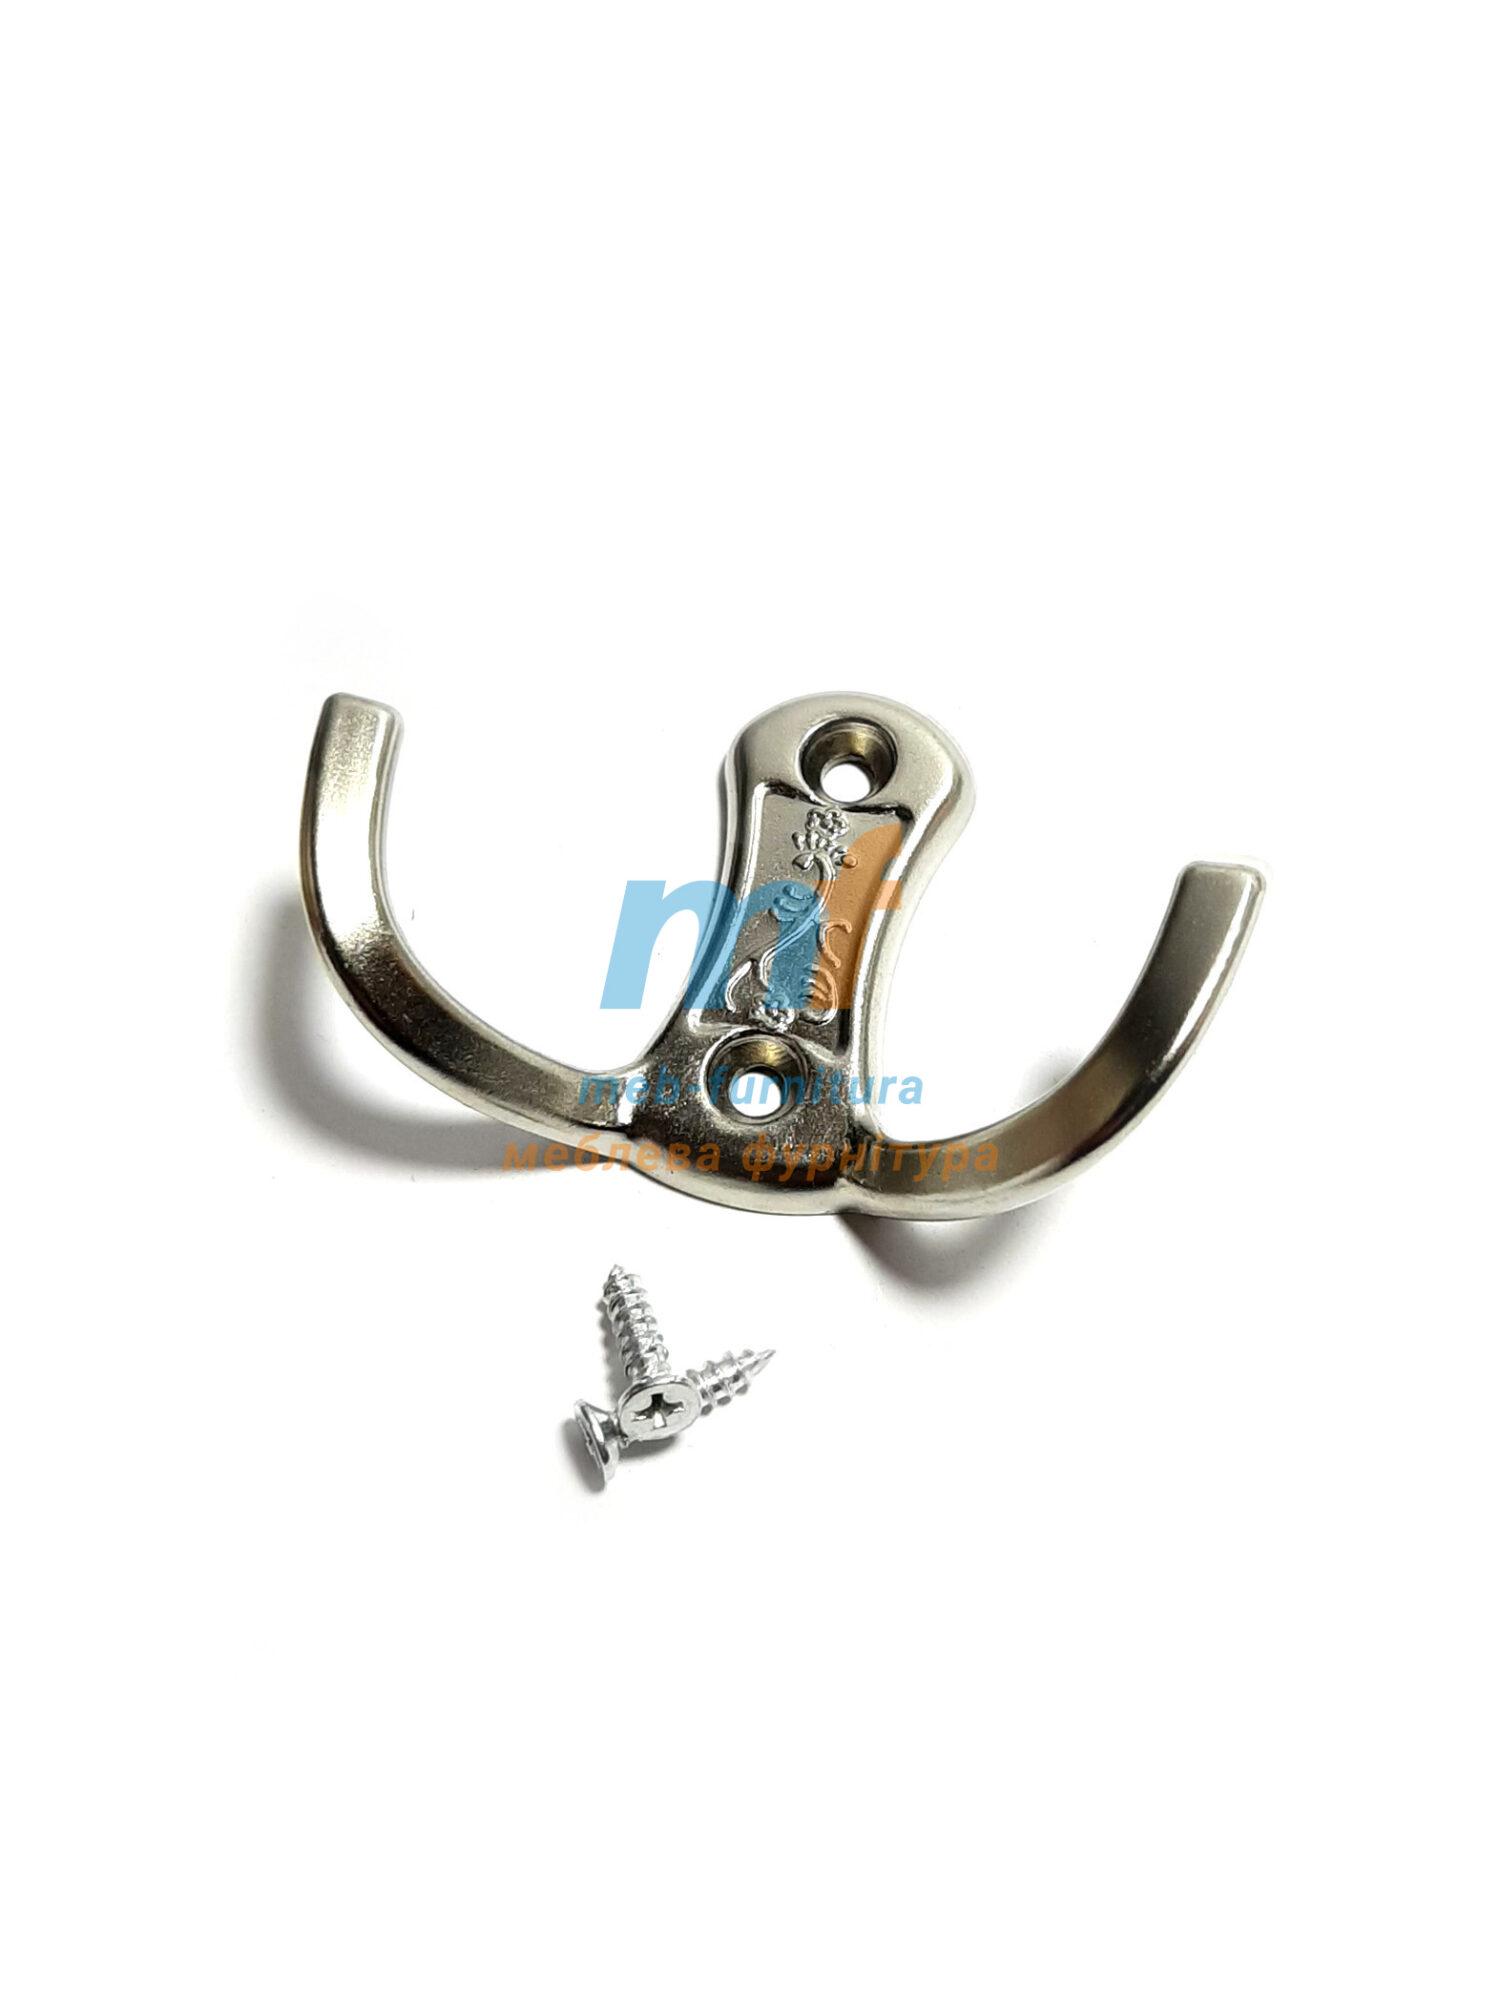 Ключок Лилия - сатин